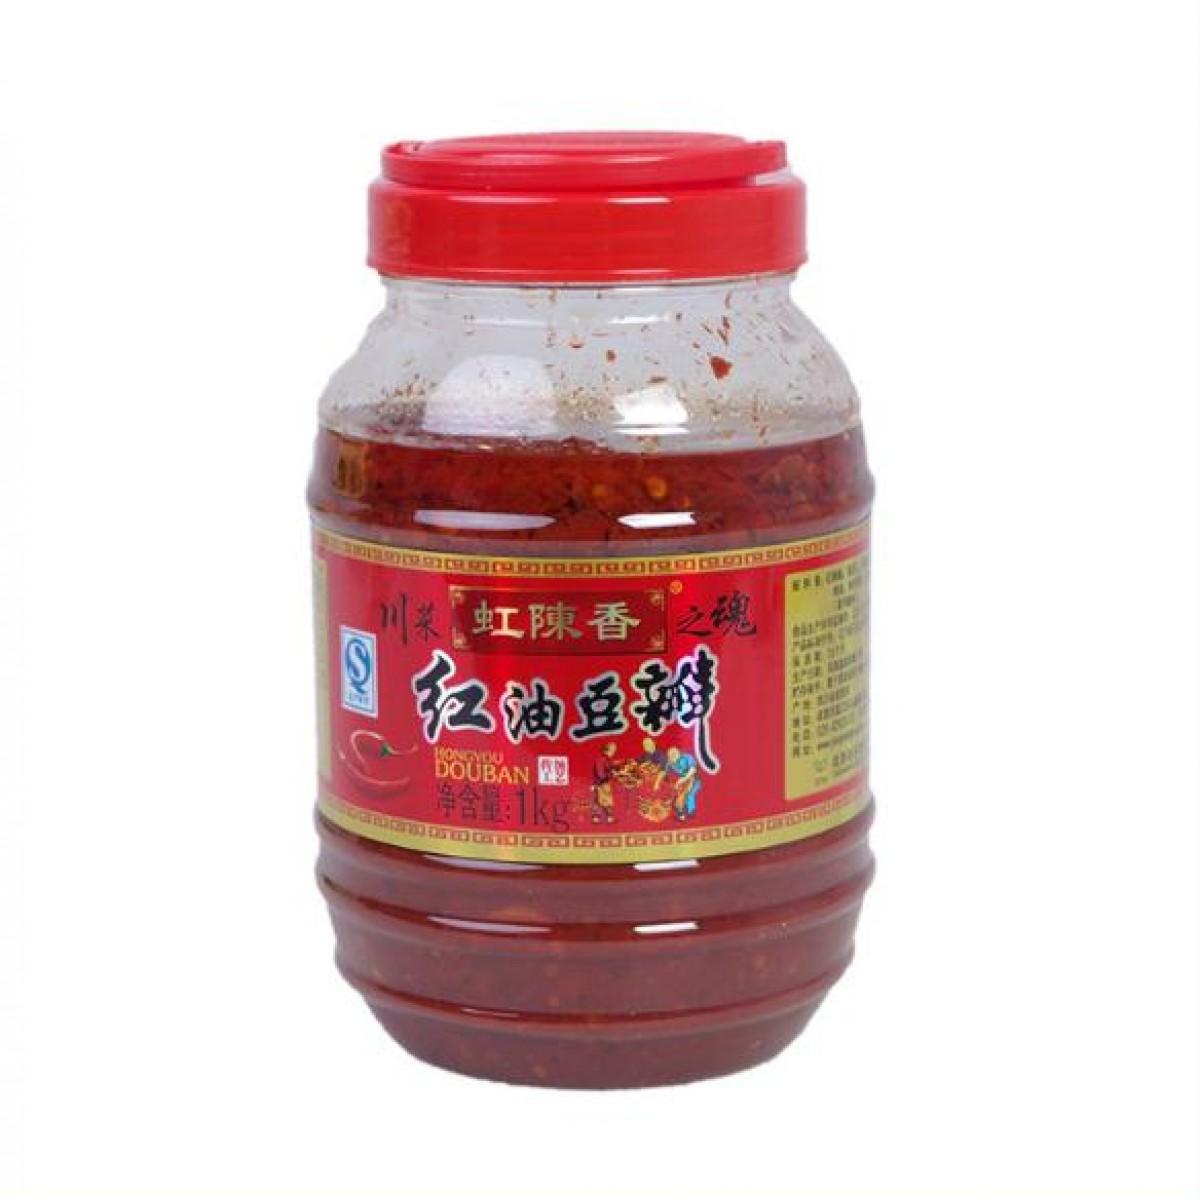 正宗豆瓣酱加盟_豫贸网